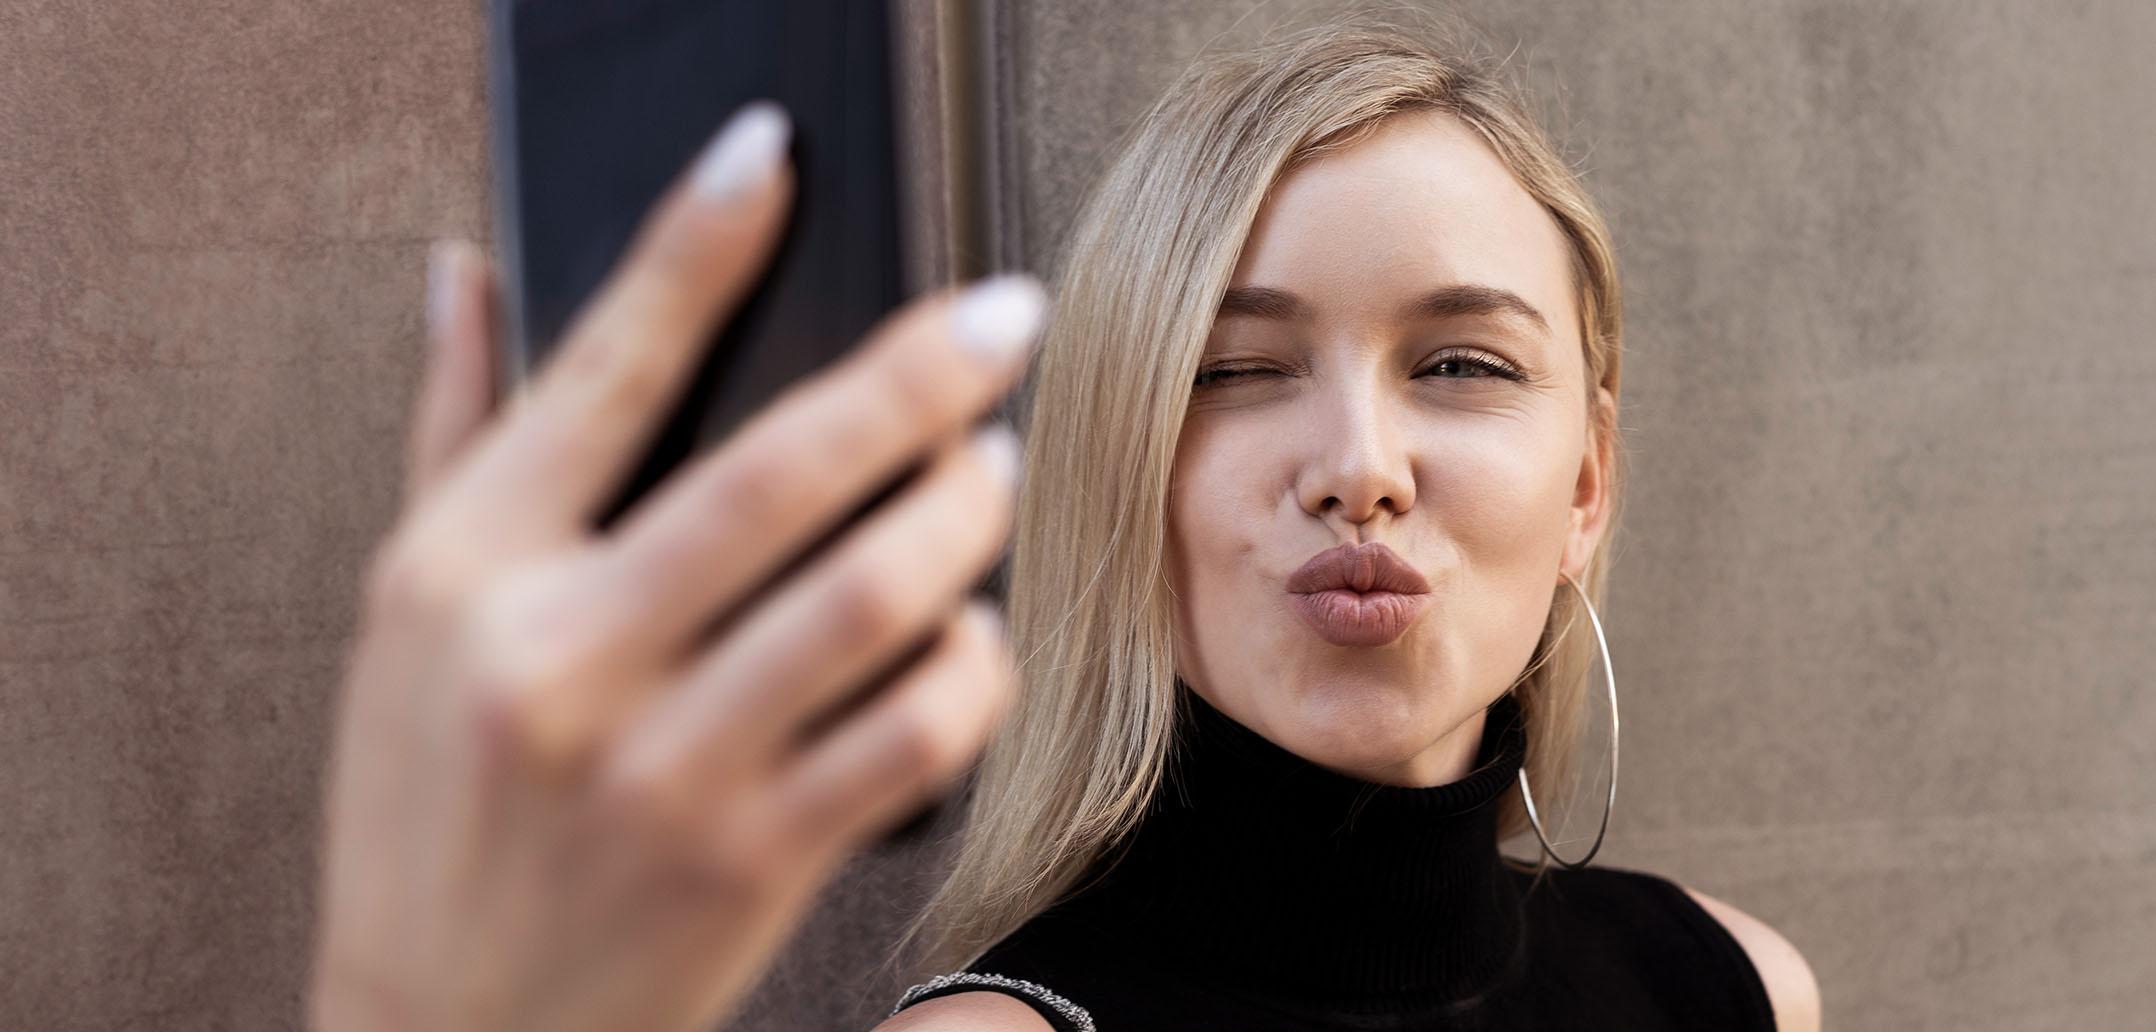 Eine Frau macht ein Selfie mit Kussmund